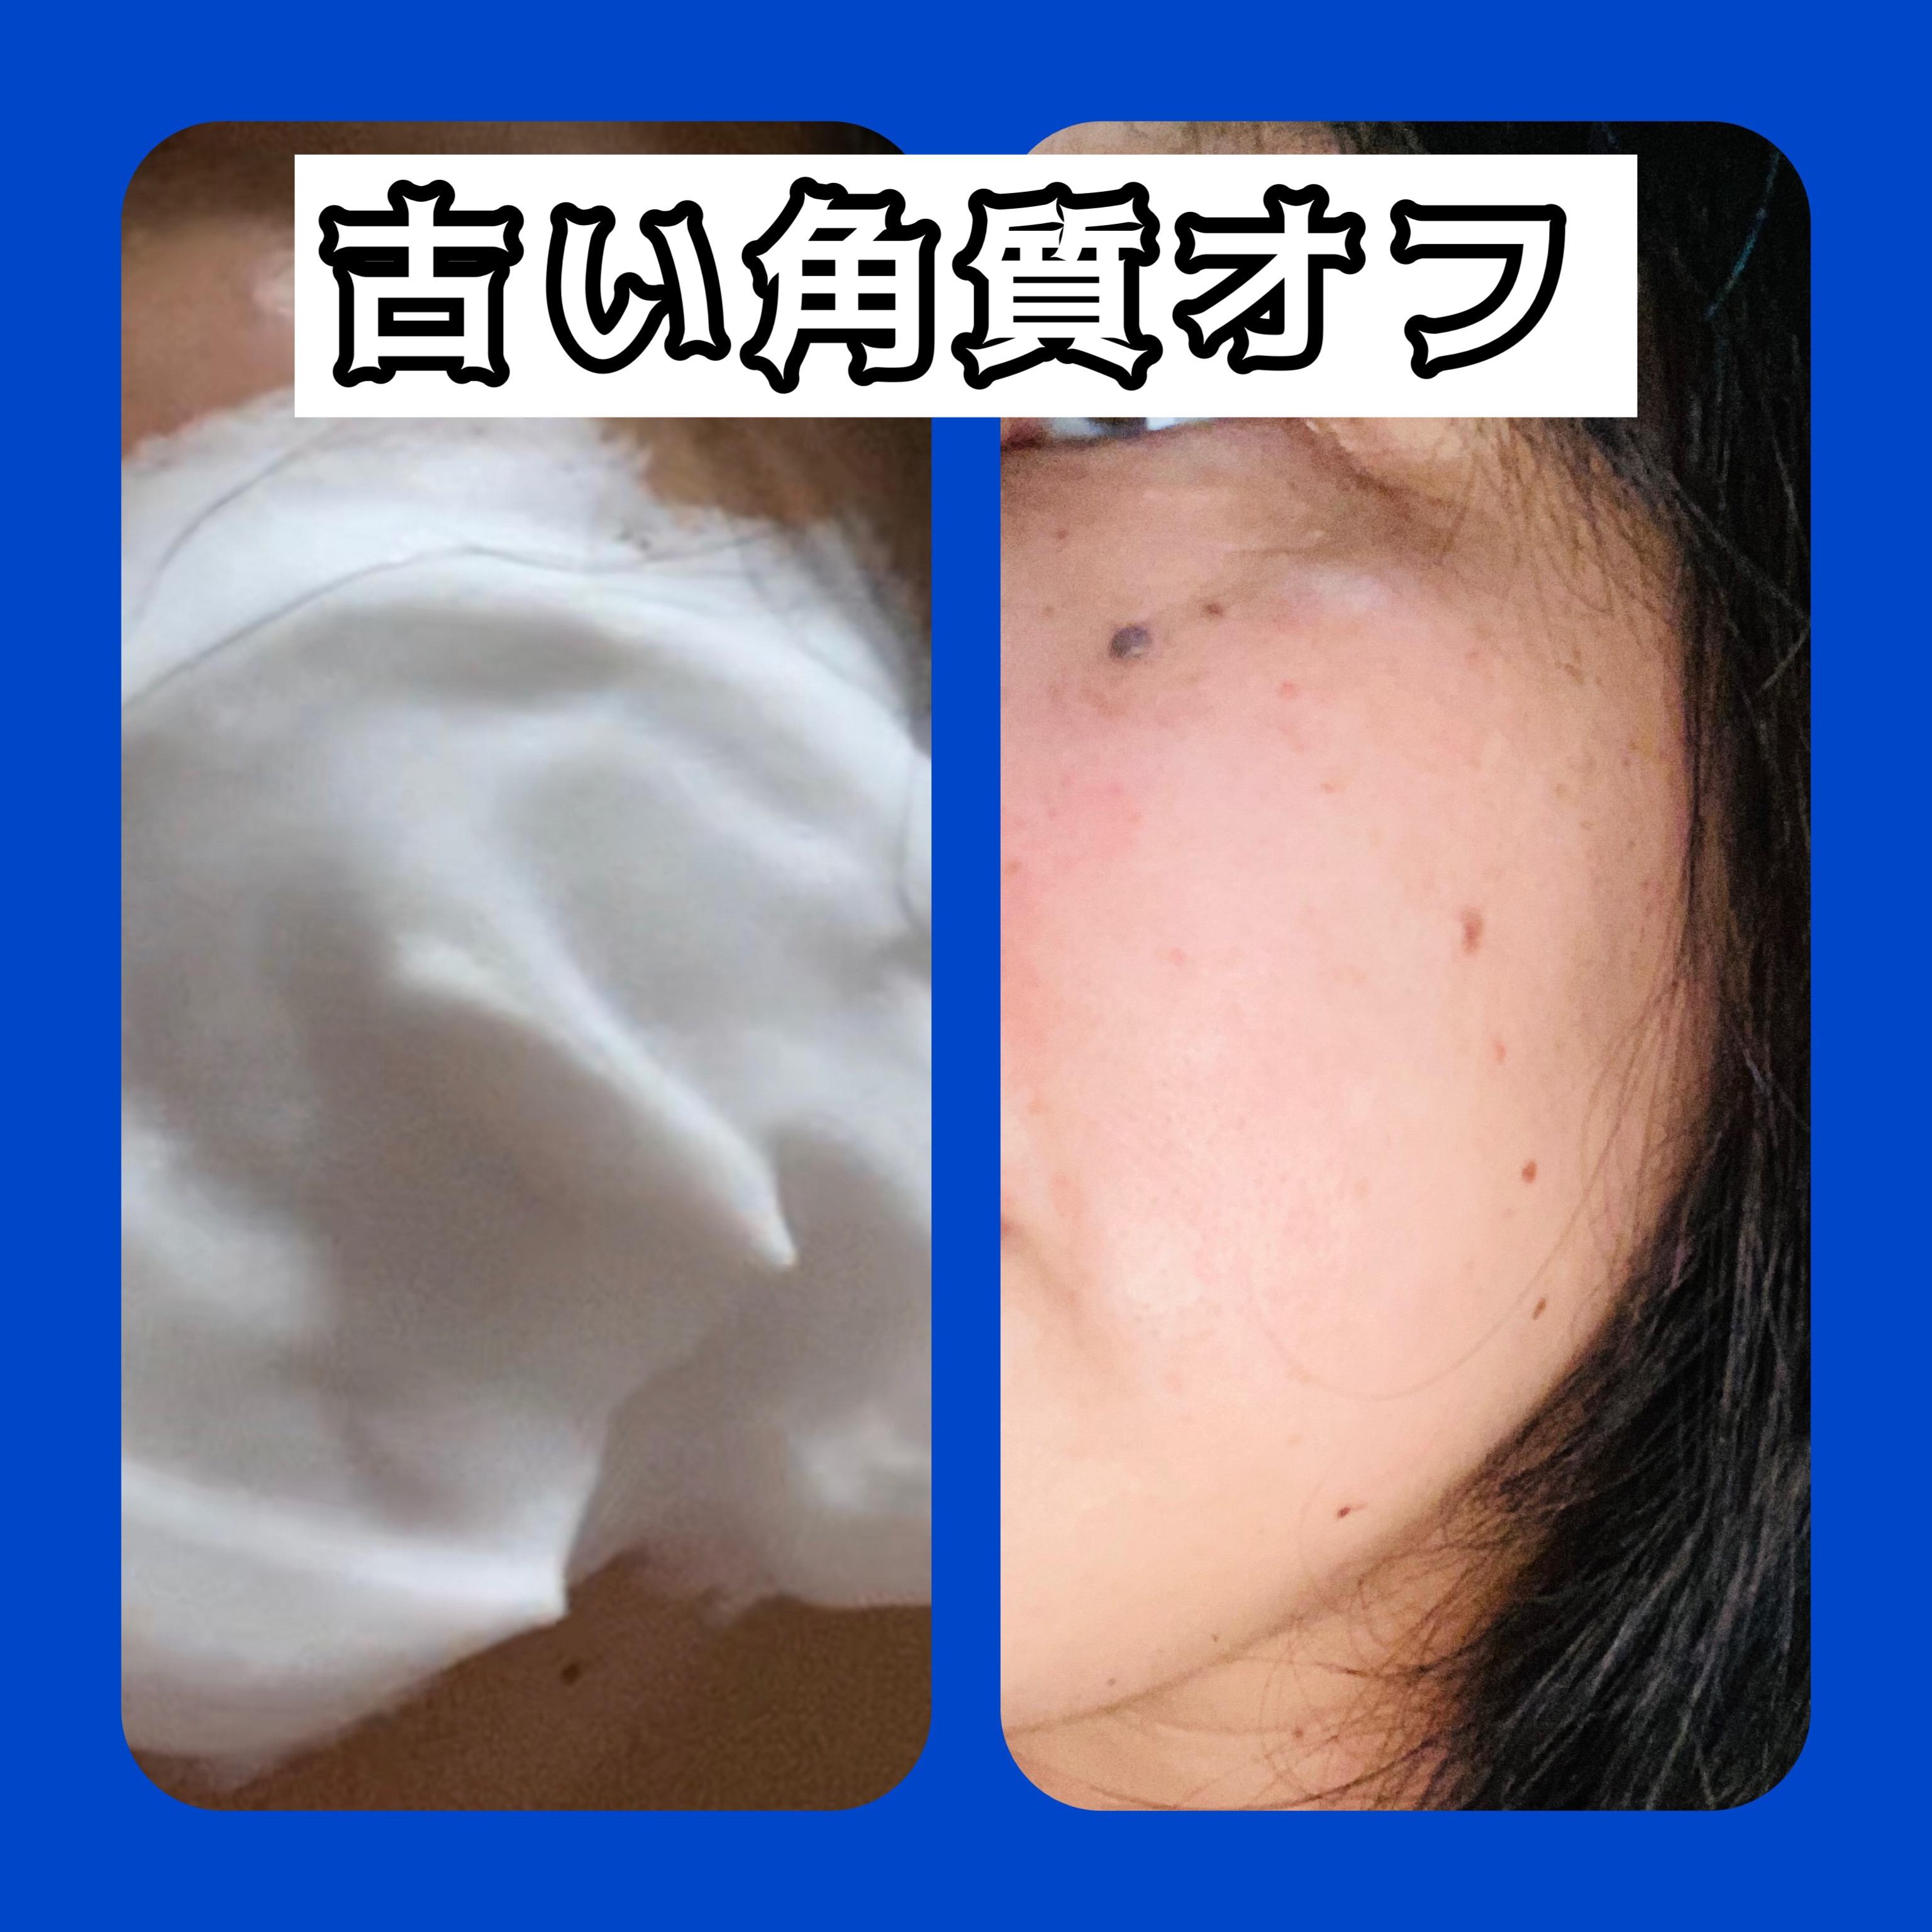 ROSETTE(ロゼット) 江戸こすめ 米ぬか洗顔を使ったマイピコブーさんのクチコミ画像1